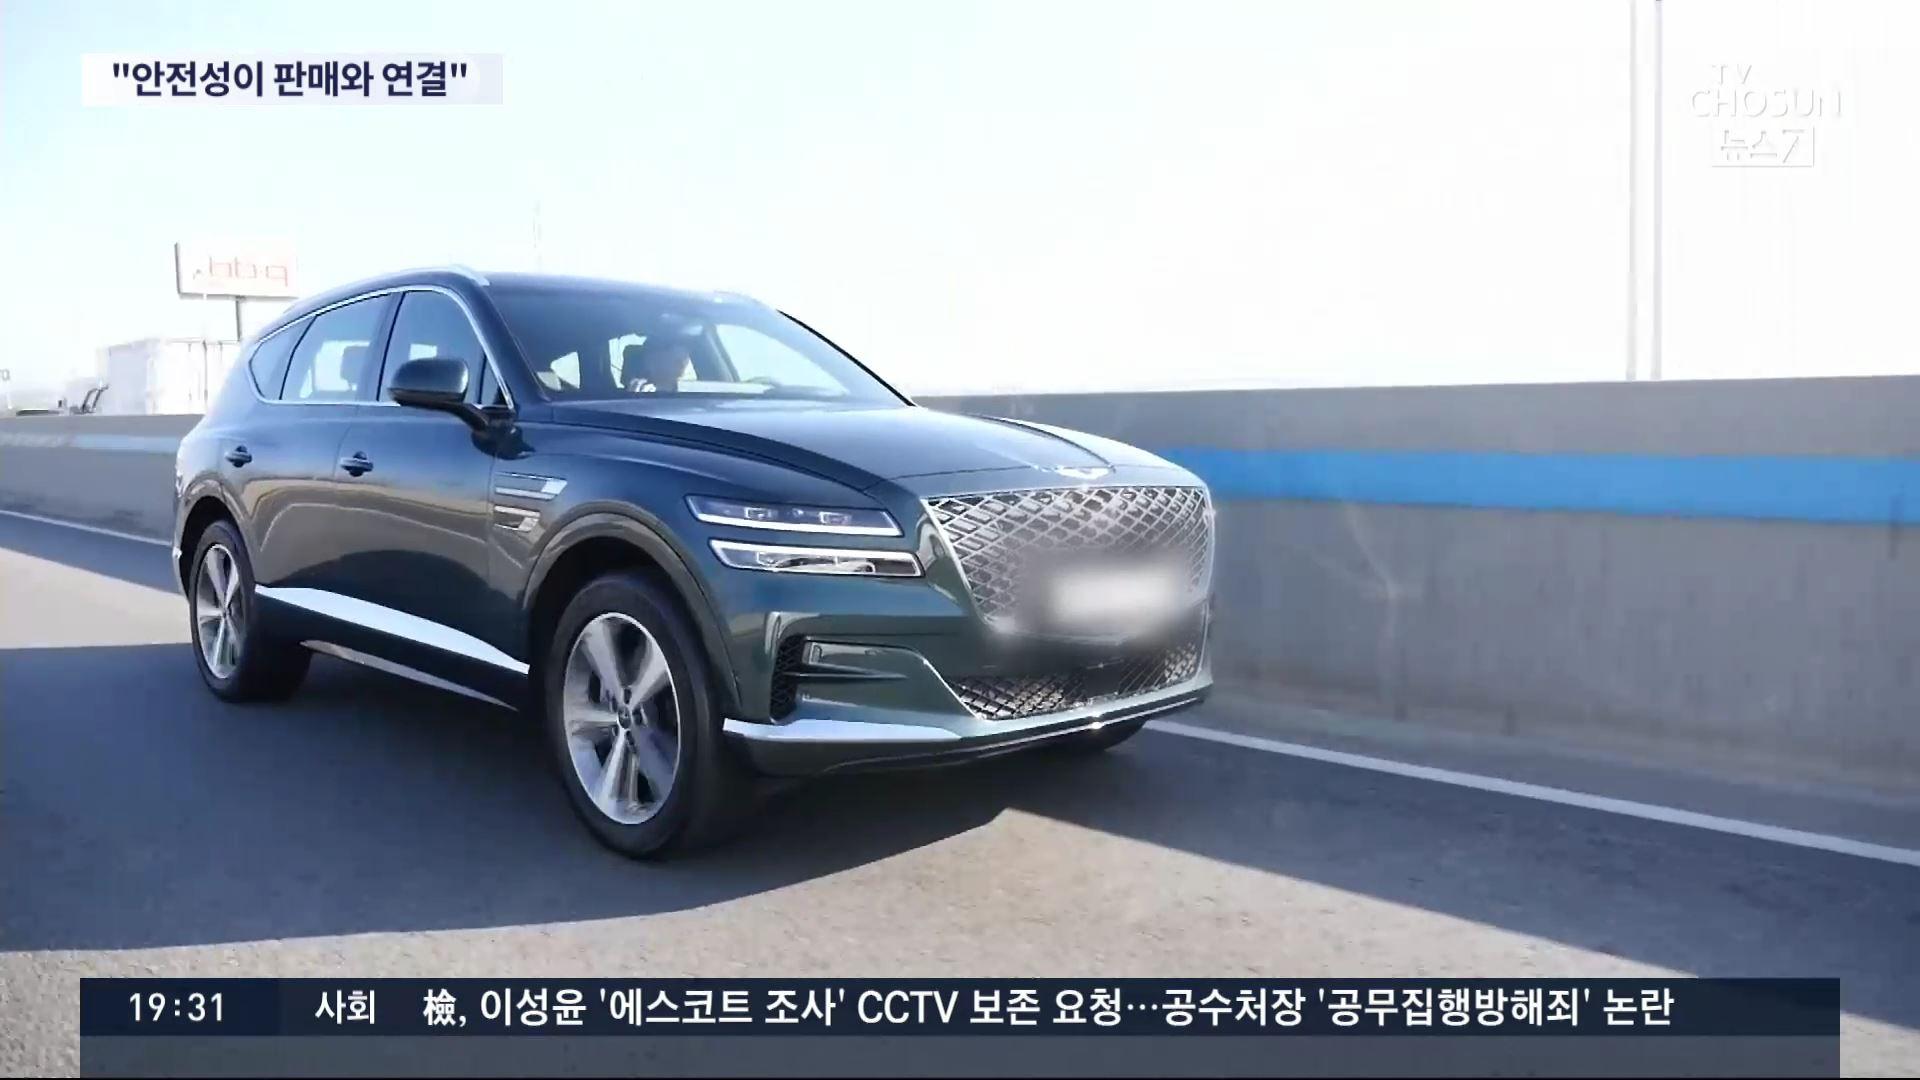 우즈 사고로 호재?…韓 자동차, 美 최다 판매 기록